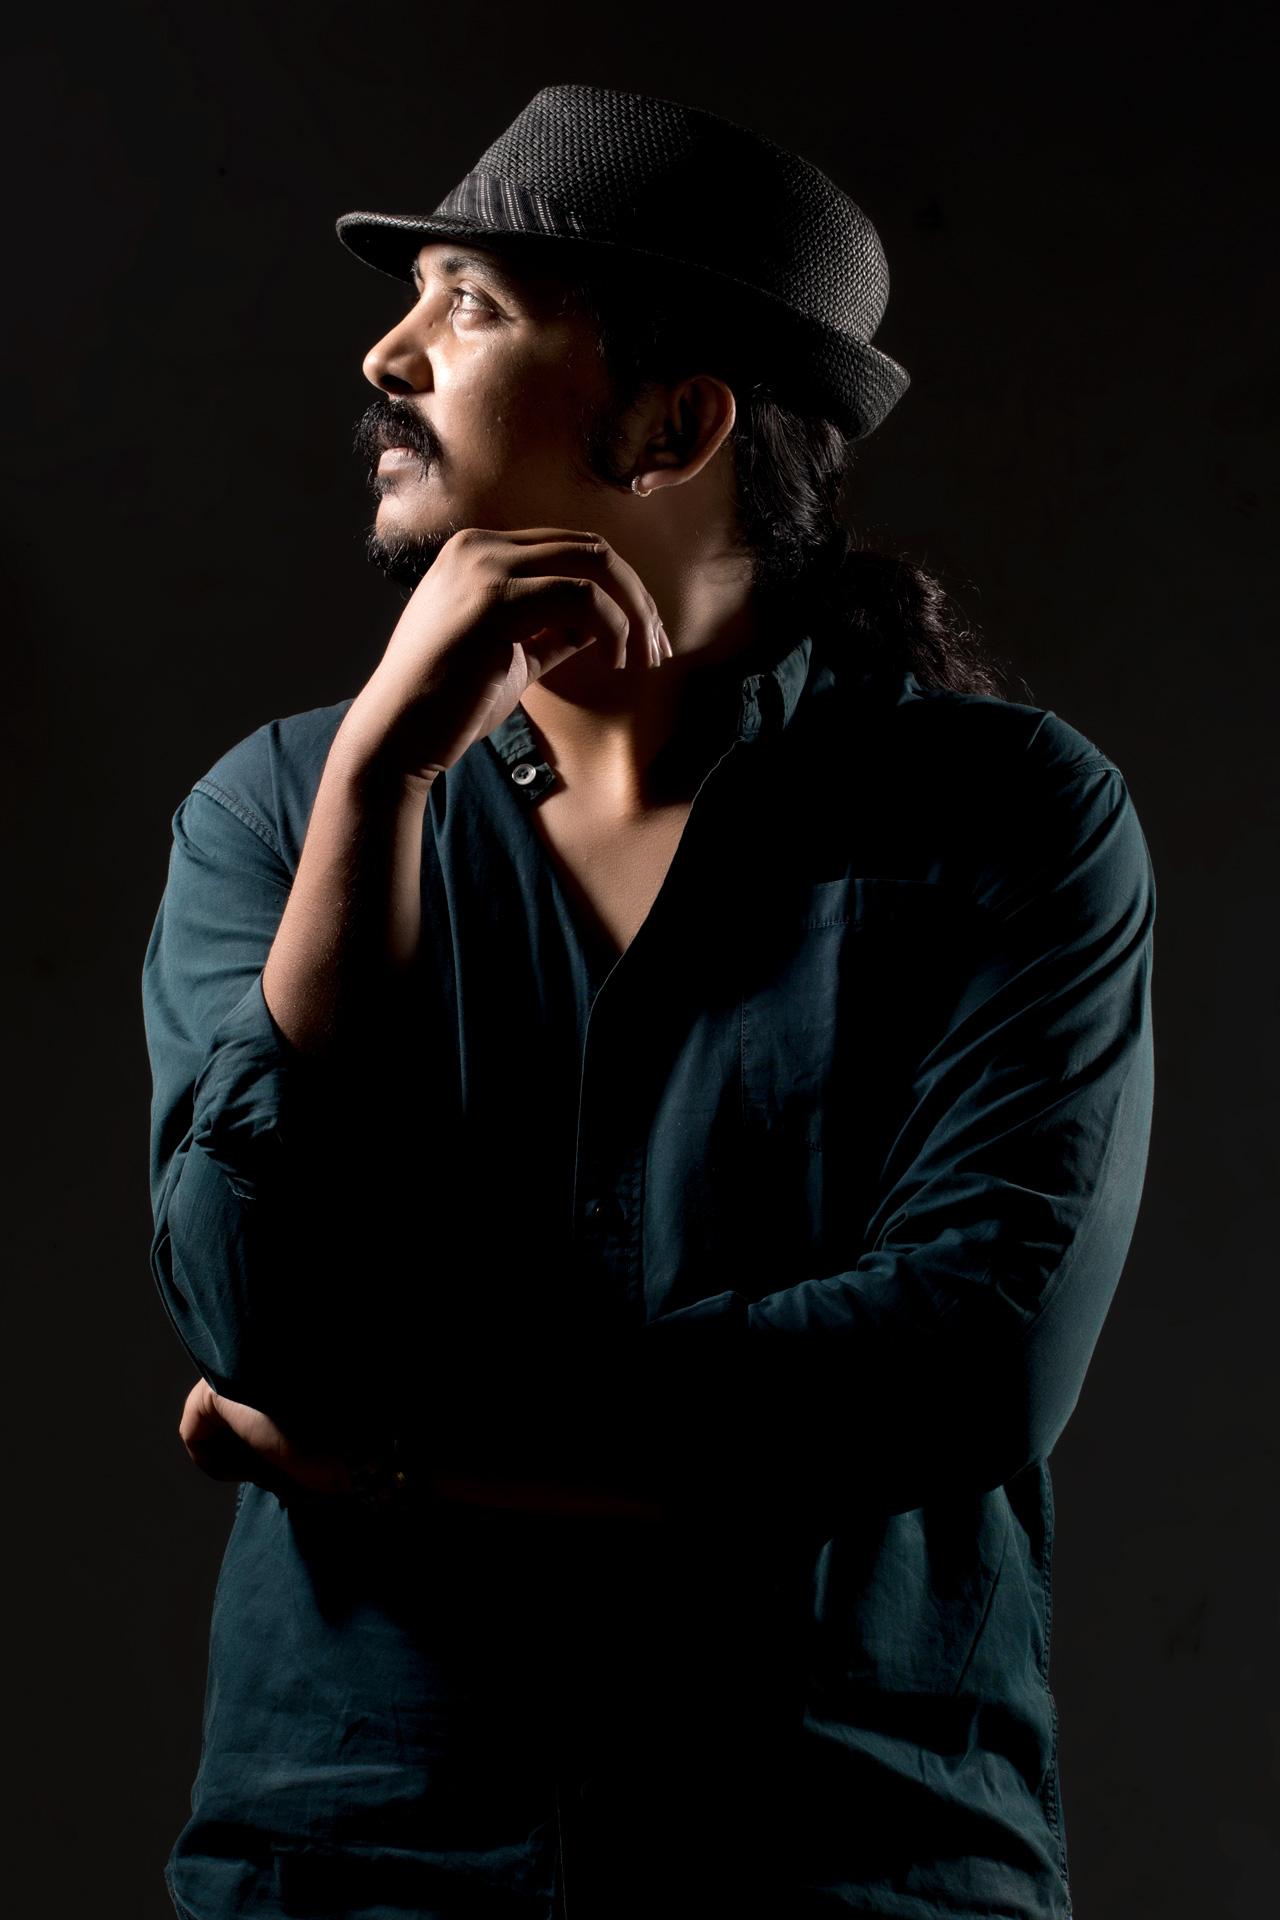 Amir Abbasi Founder & Chief Photographer